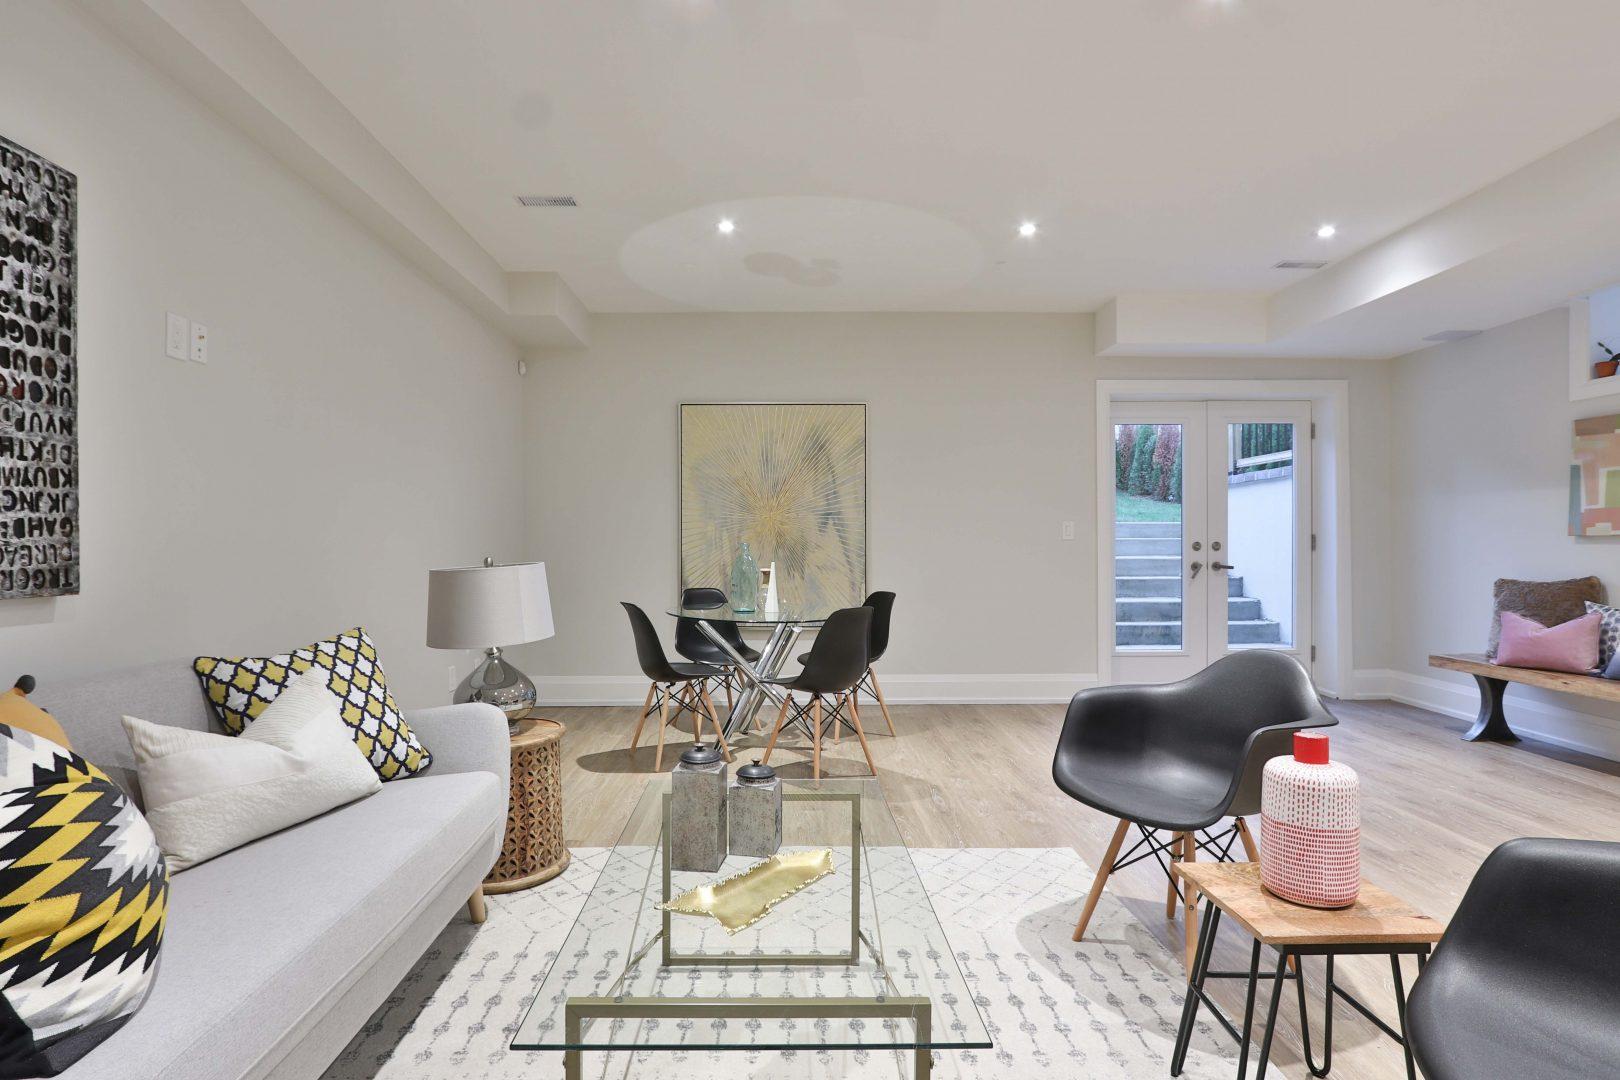 dining set and sofa set